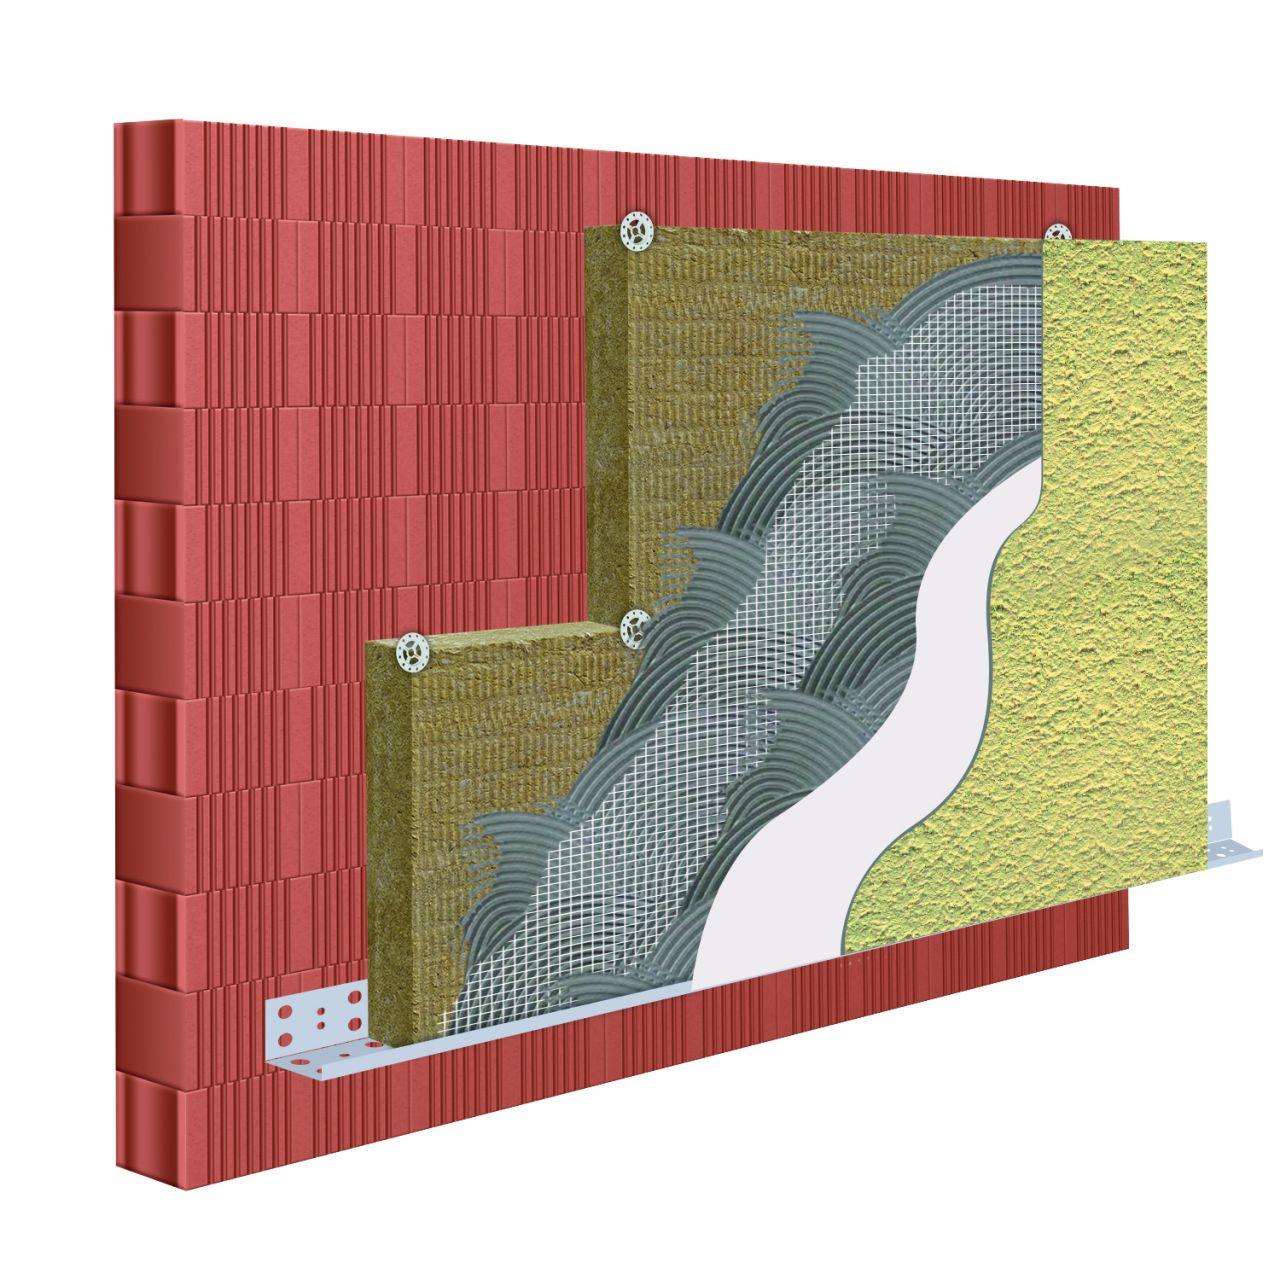 Homlokzati 10 cm vtg. kőzetgyapot hőszigetelő rendszer 1,5 mm-es kapart vakolattal 100 színben